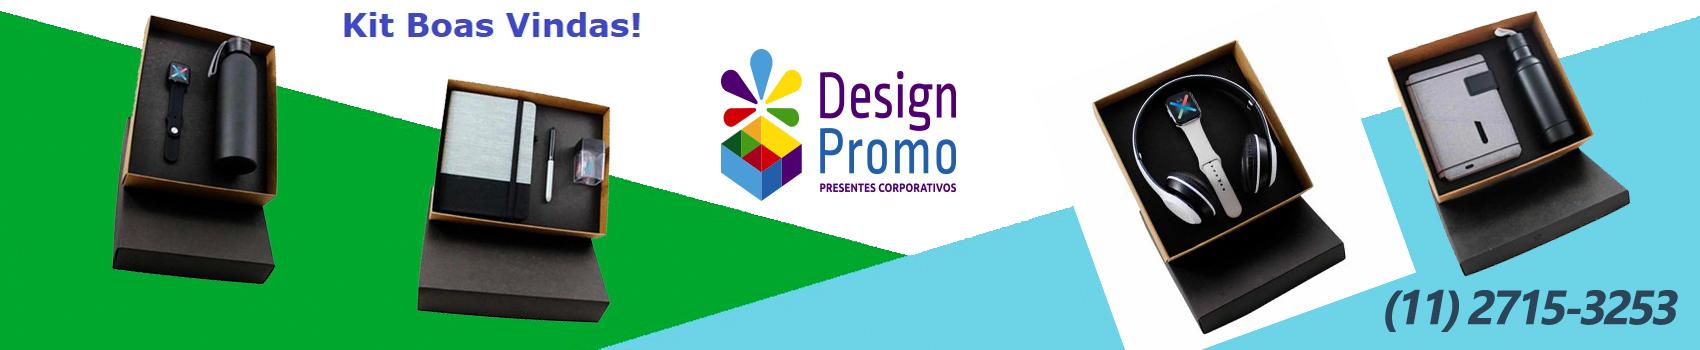 Design Promo